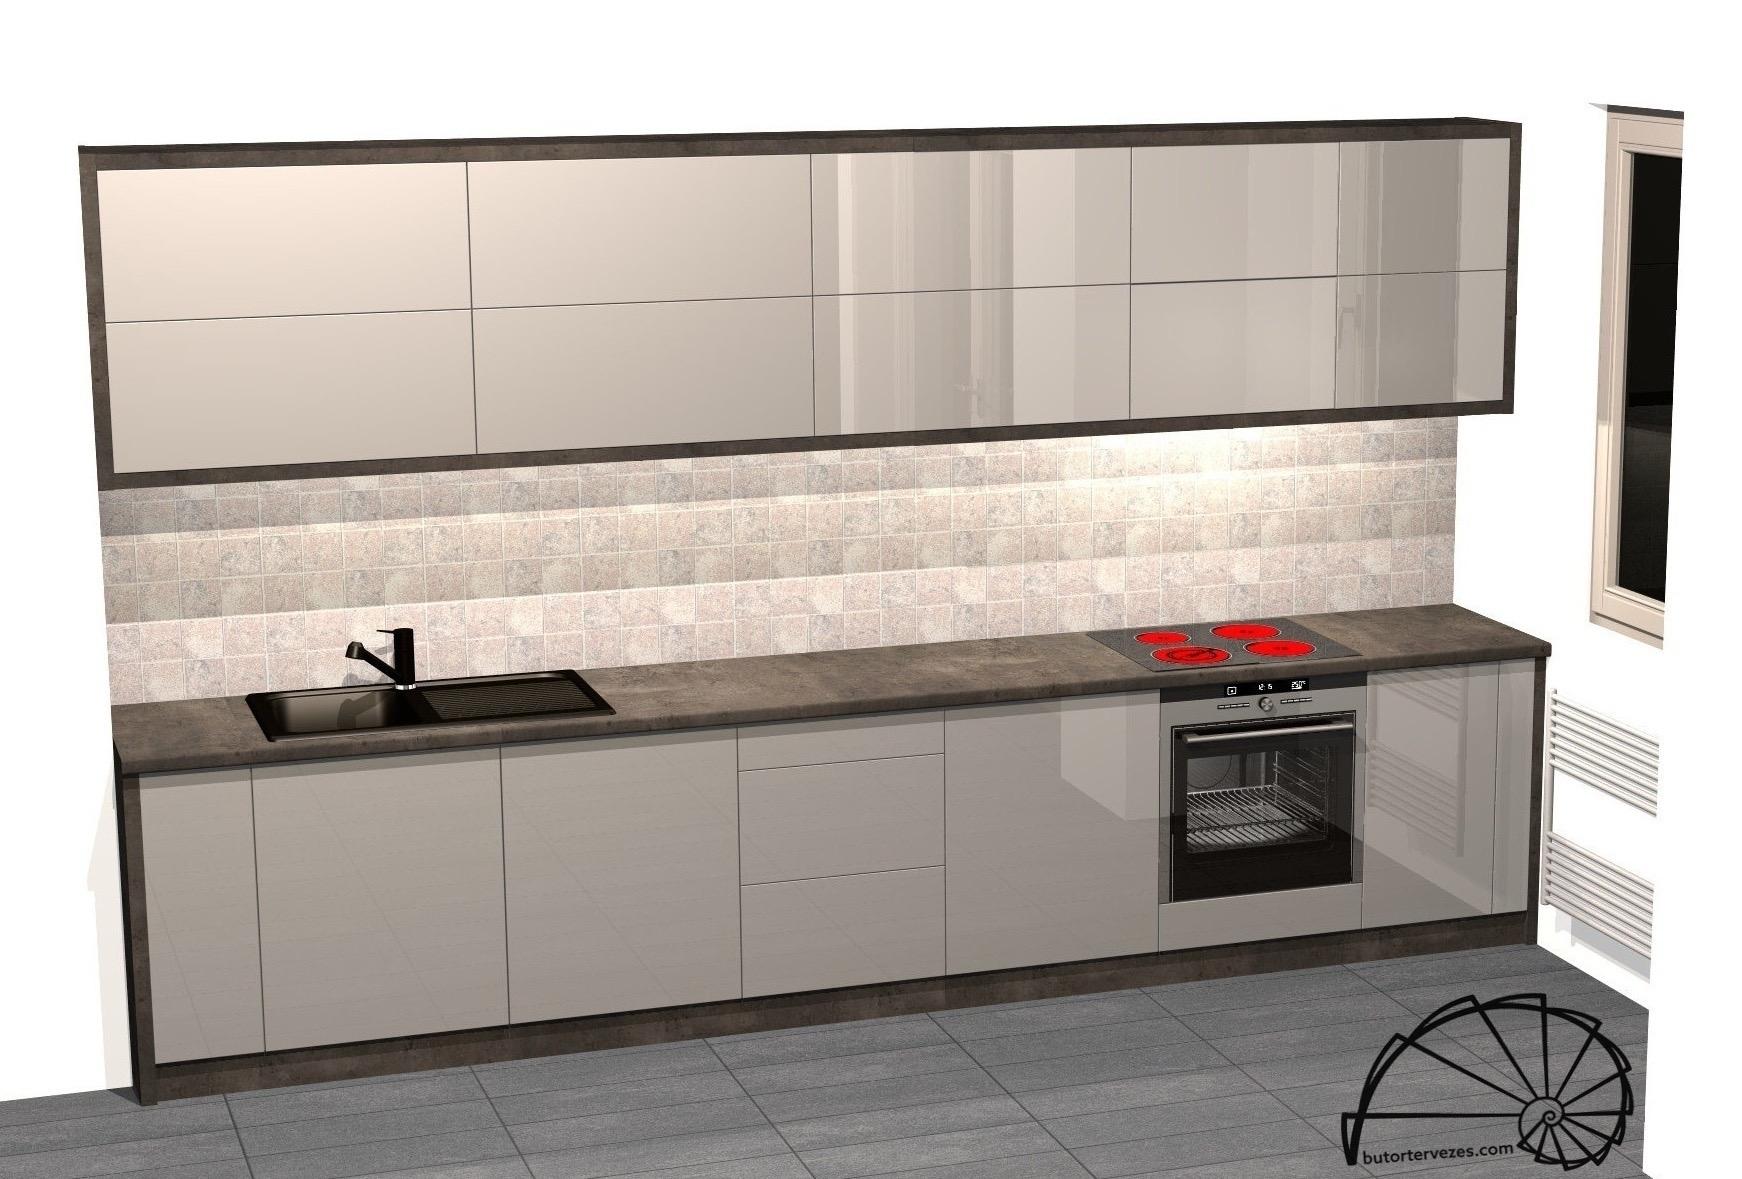 Magasfényű konyhabútor látványterv felnyíló ajtóval, kerettel